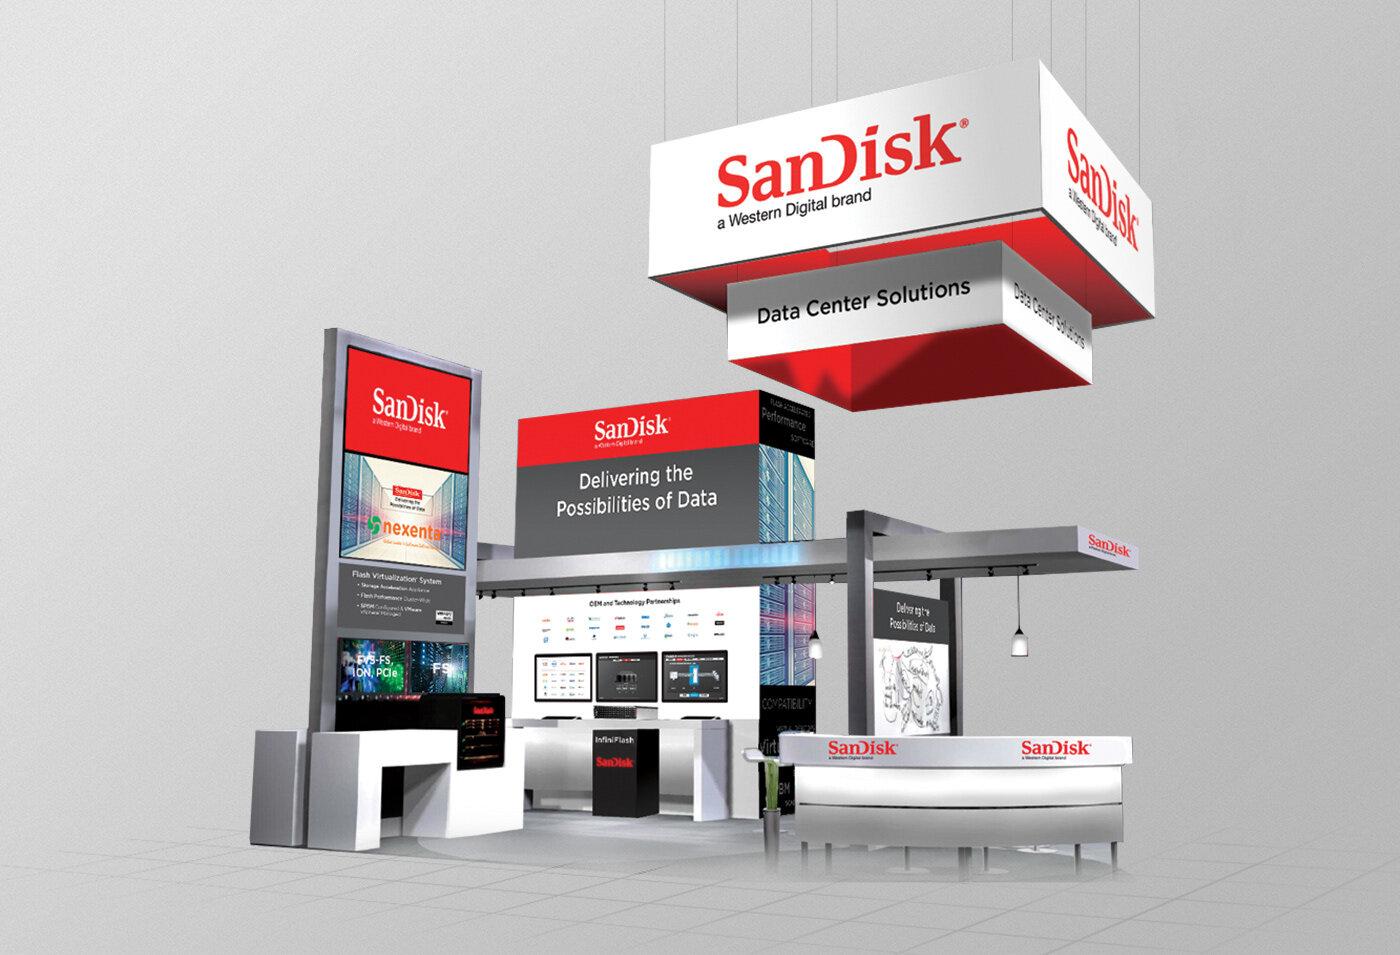 Đôi điều về thương hiệu thẻ nhớ SanDisk 32GB